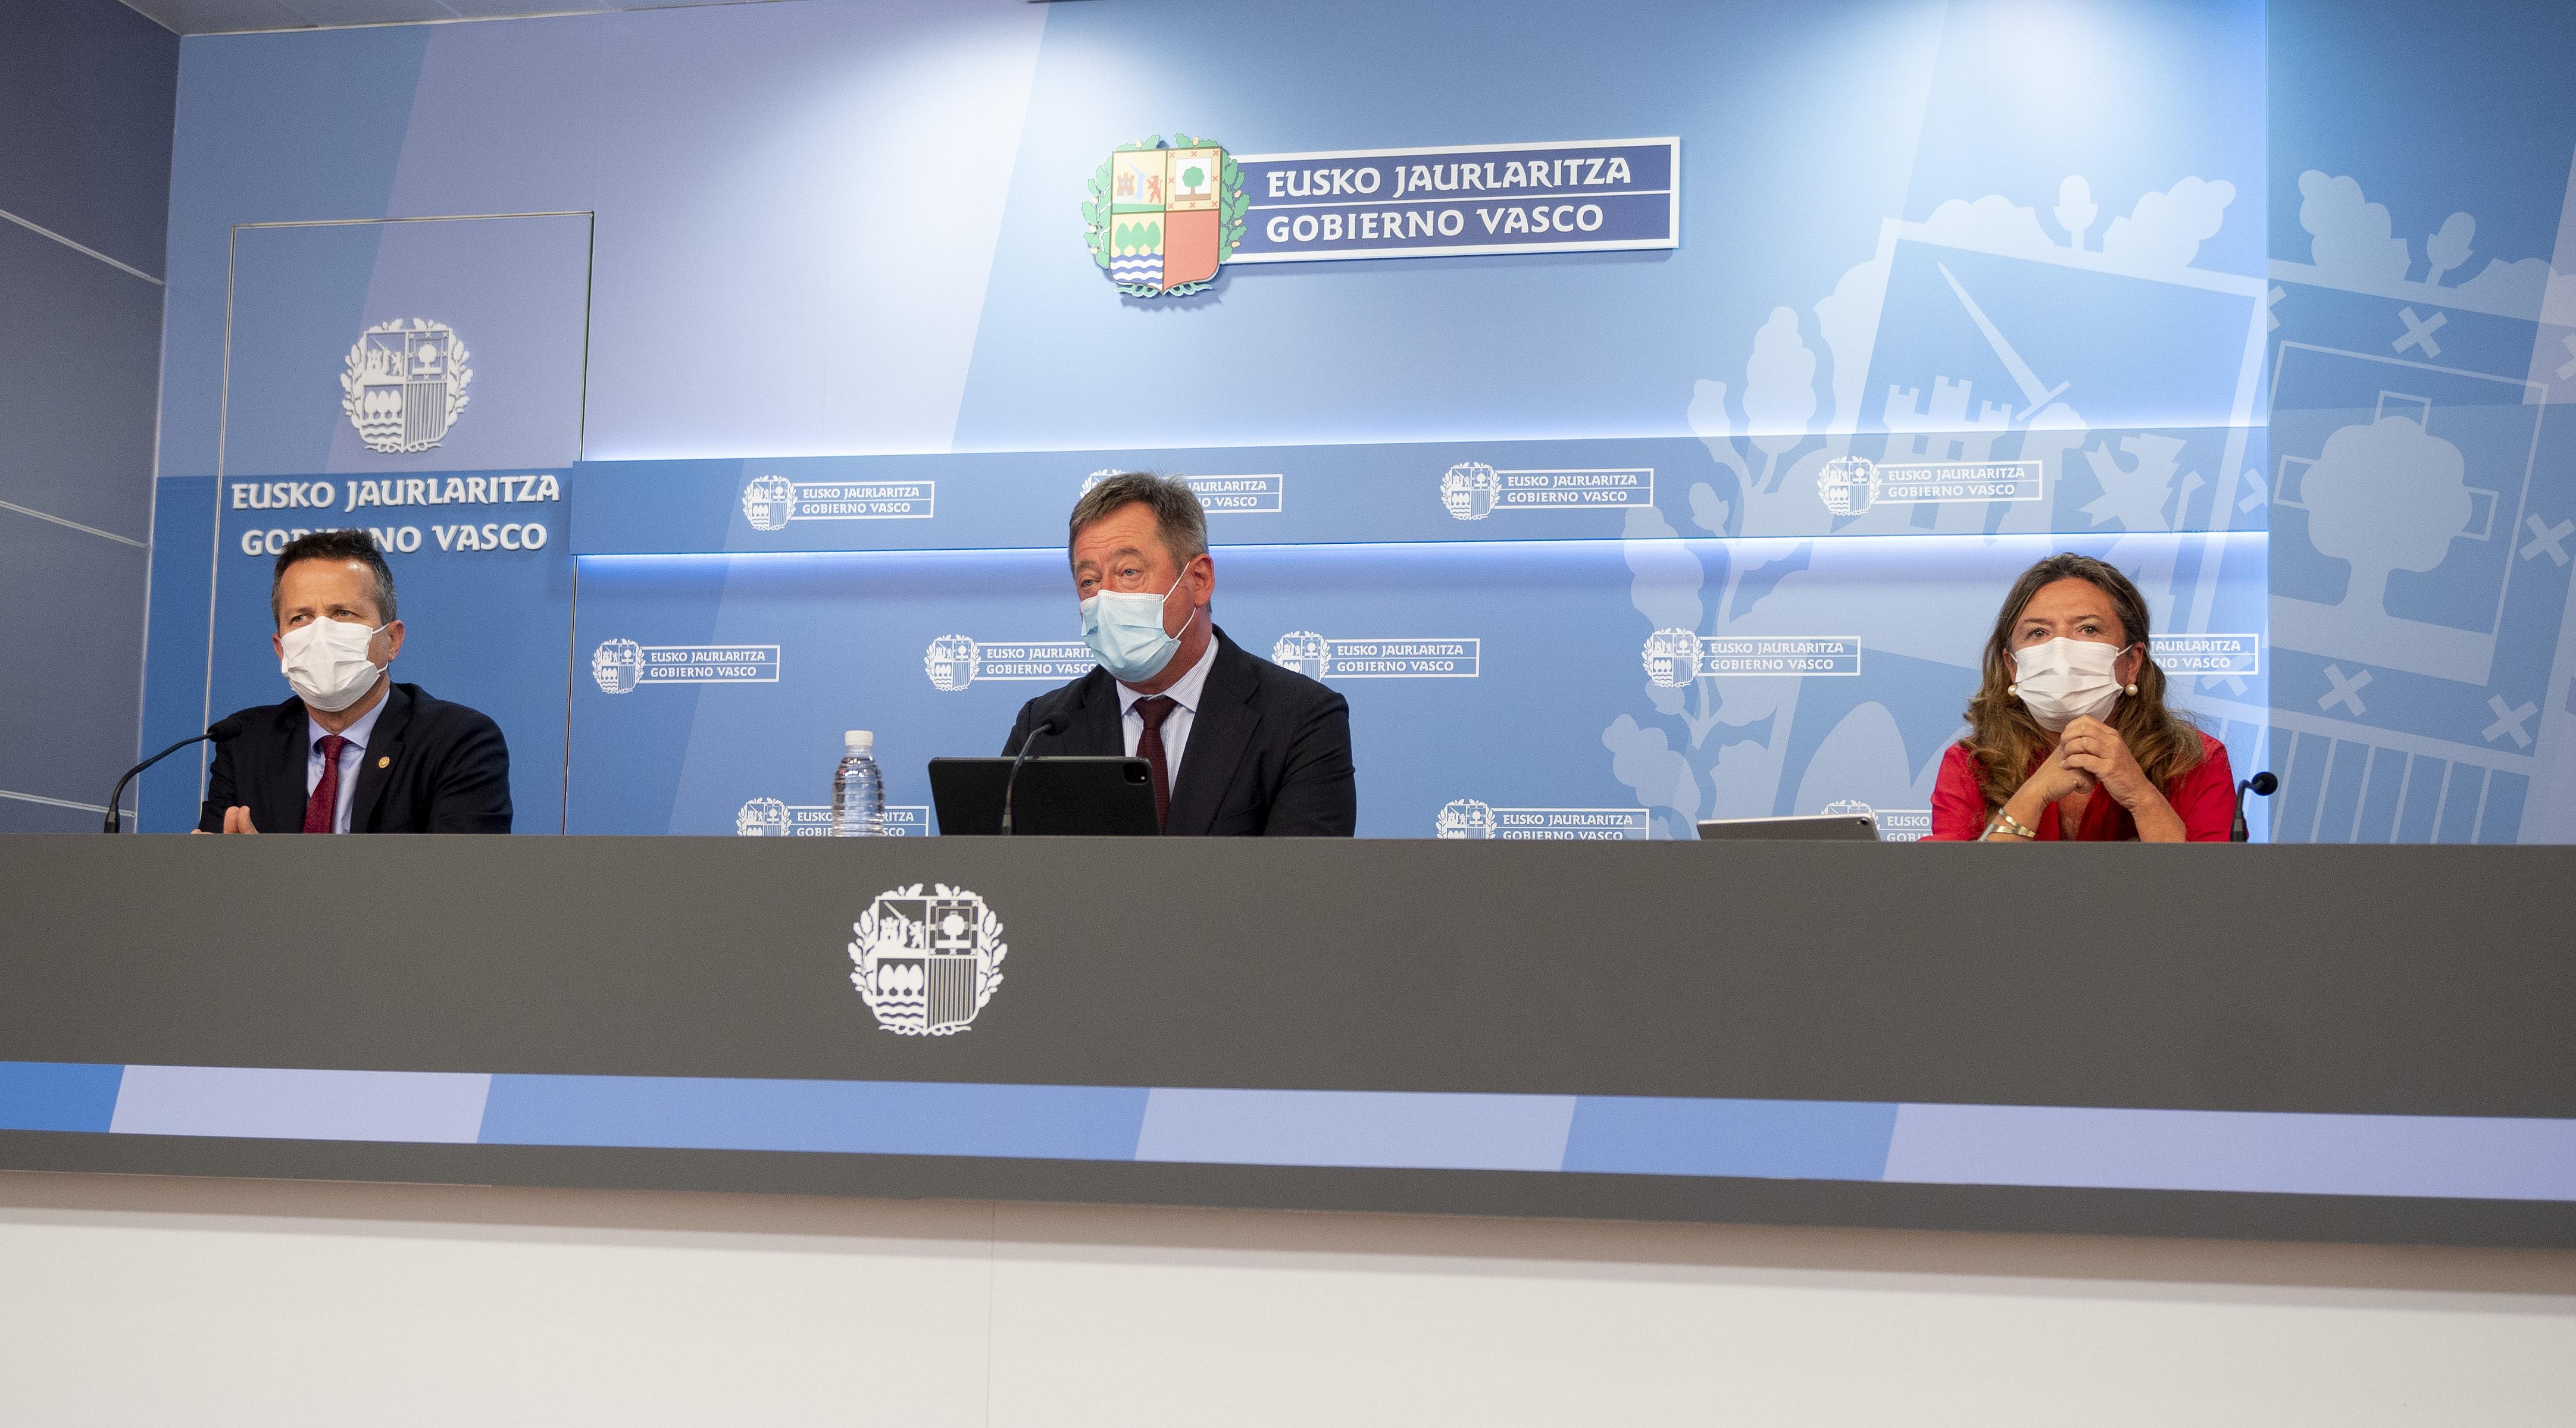 El Gobierno Vasco espera que la remodelación del Gobierno de España sirva para avanzar en el desarrollo del Estatuto y la gestión de los Fondos europeos [57:24]